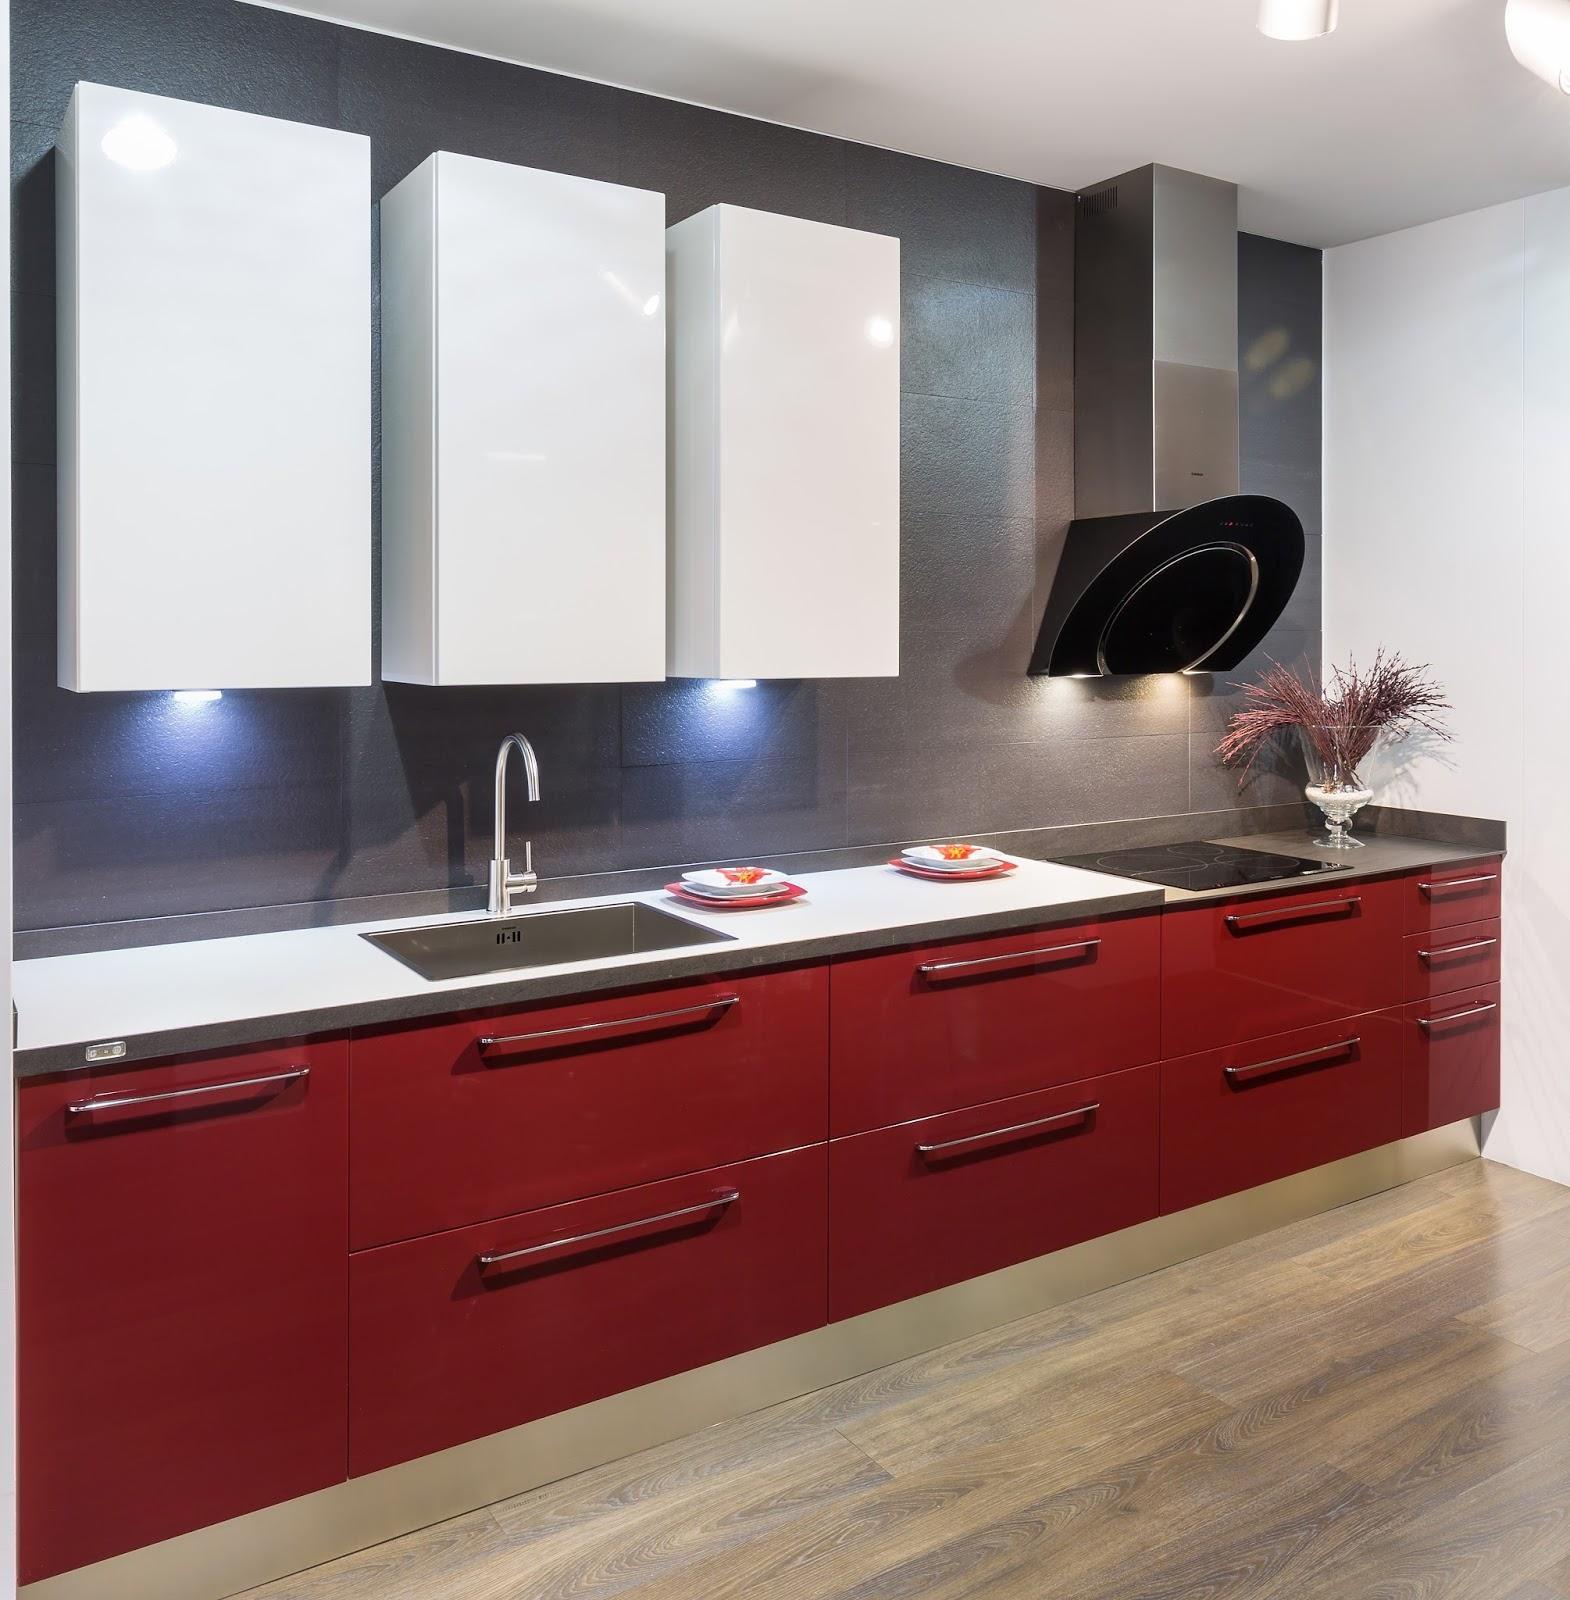 Decotips distribuir la cocina seg n su geometr a for Cocinas en paralelo